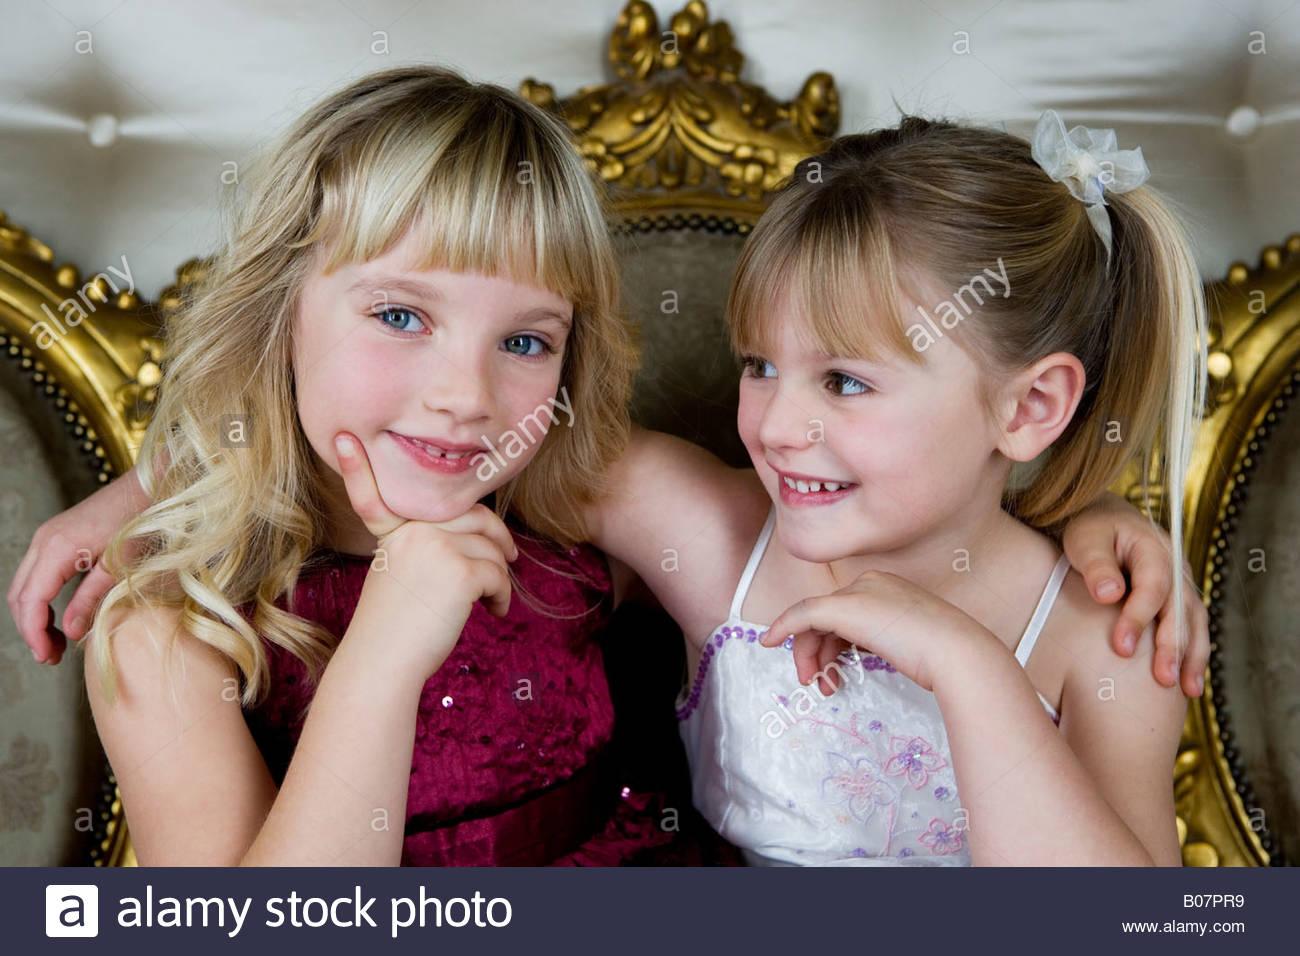 Friends Party Dresses